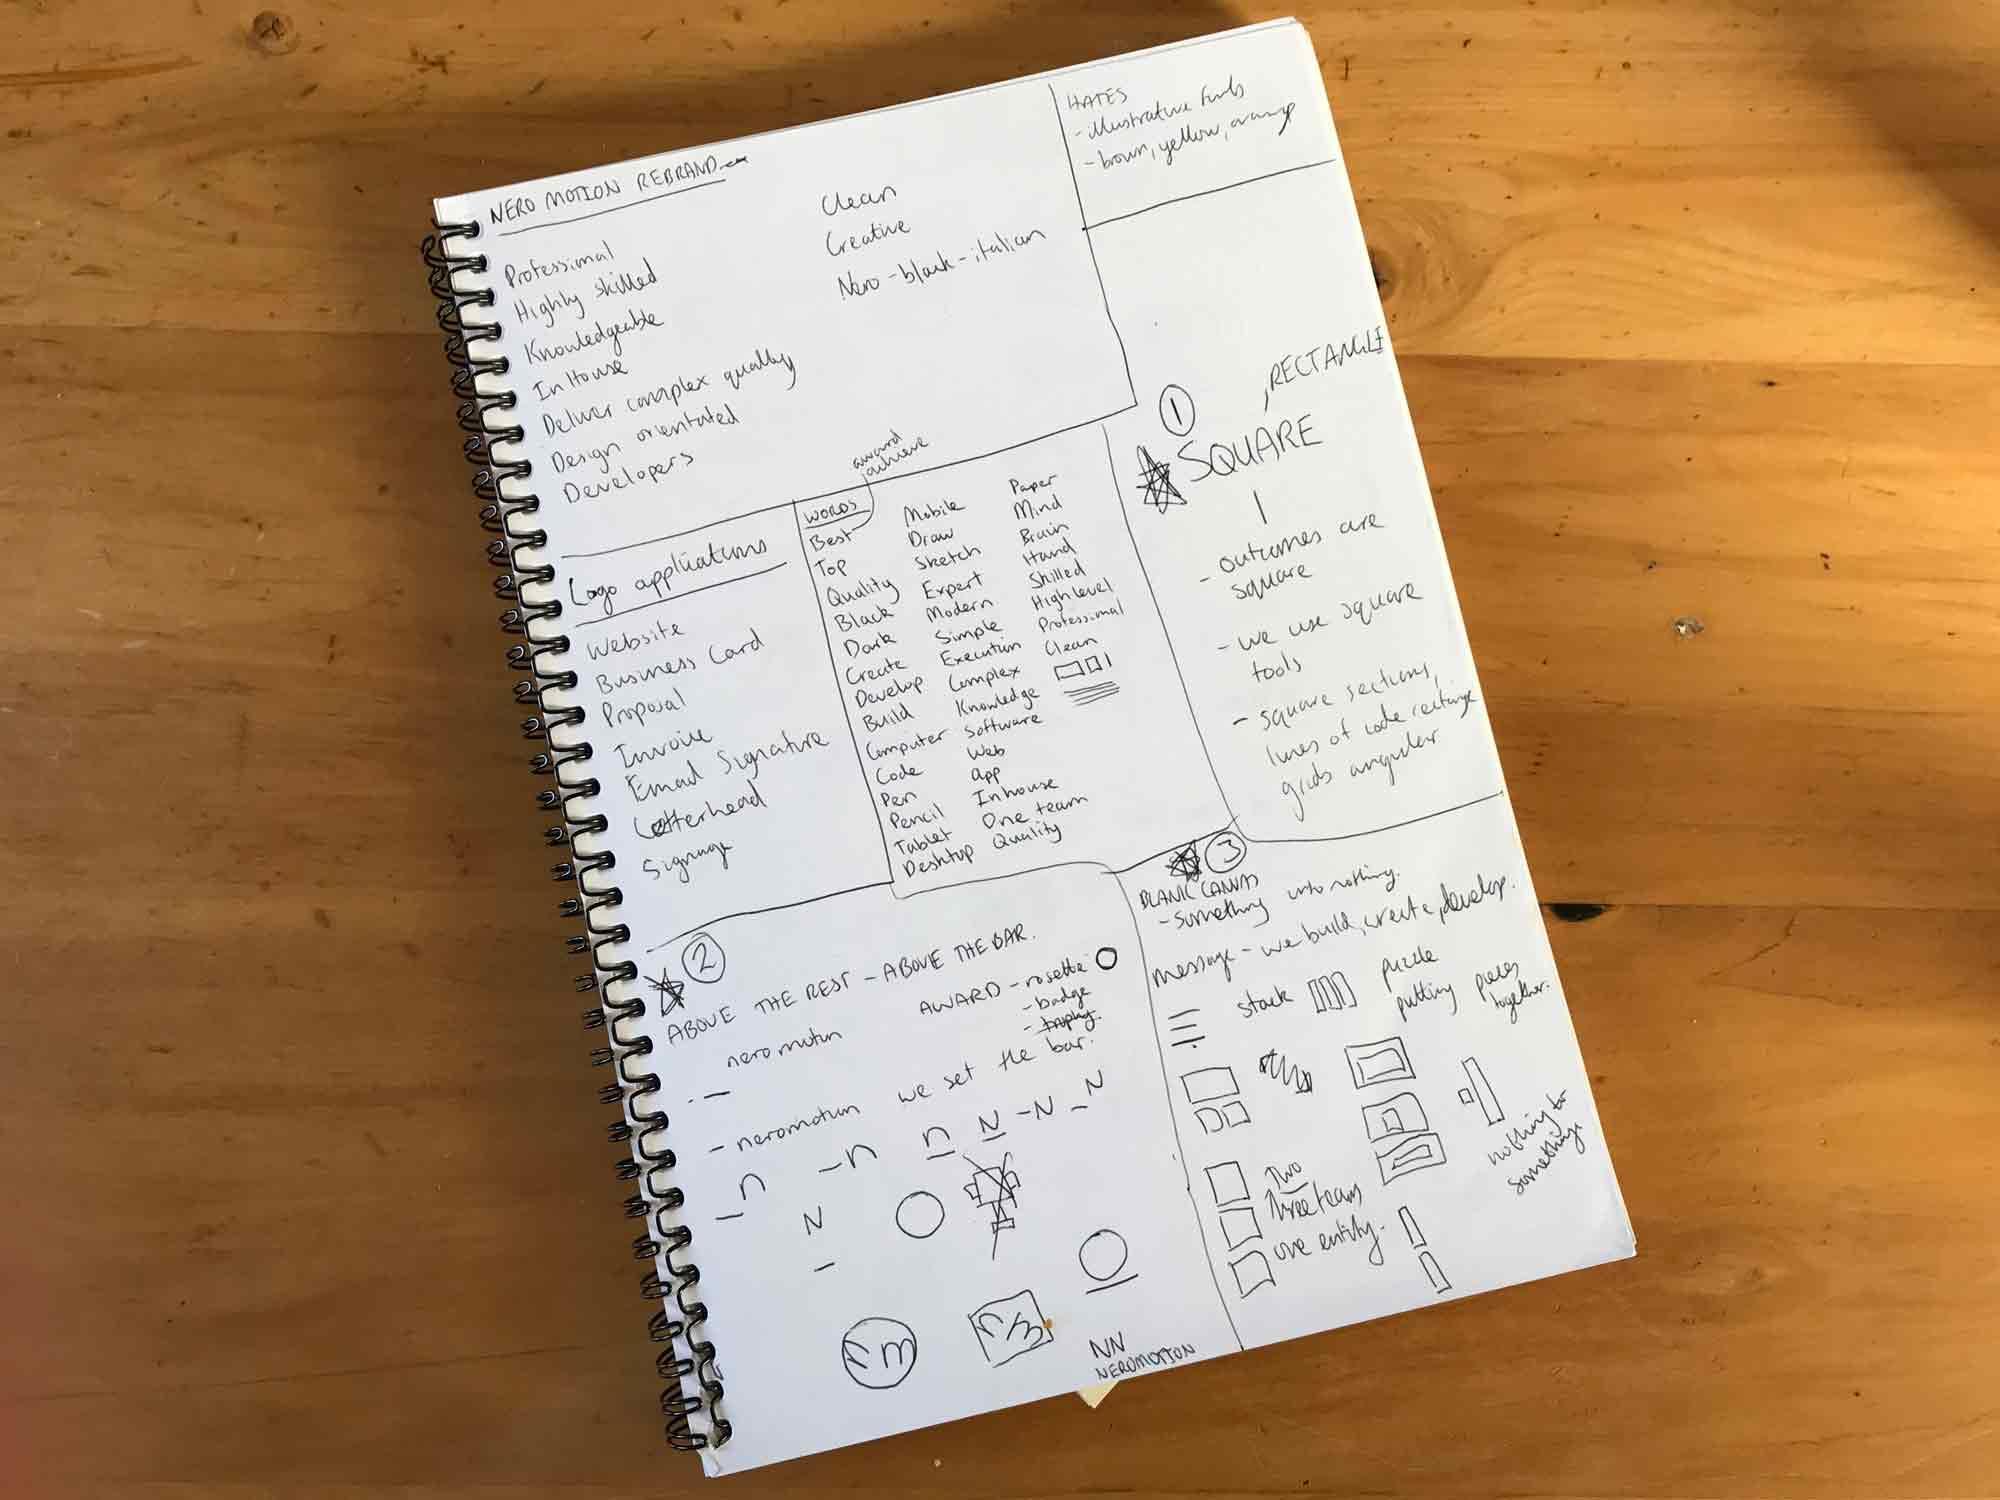 Nero Motion - identity brainstorming